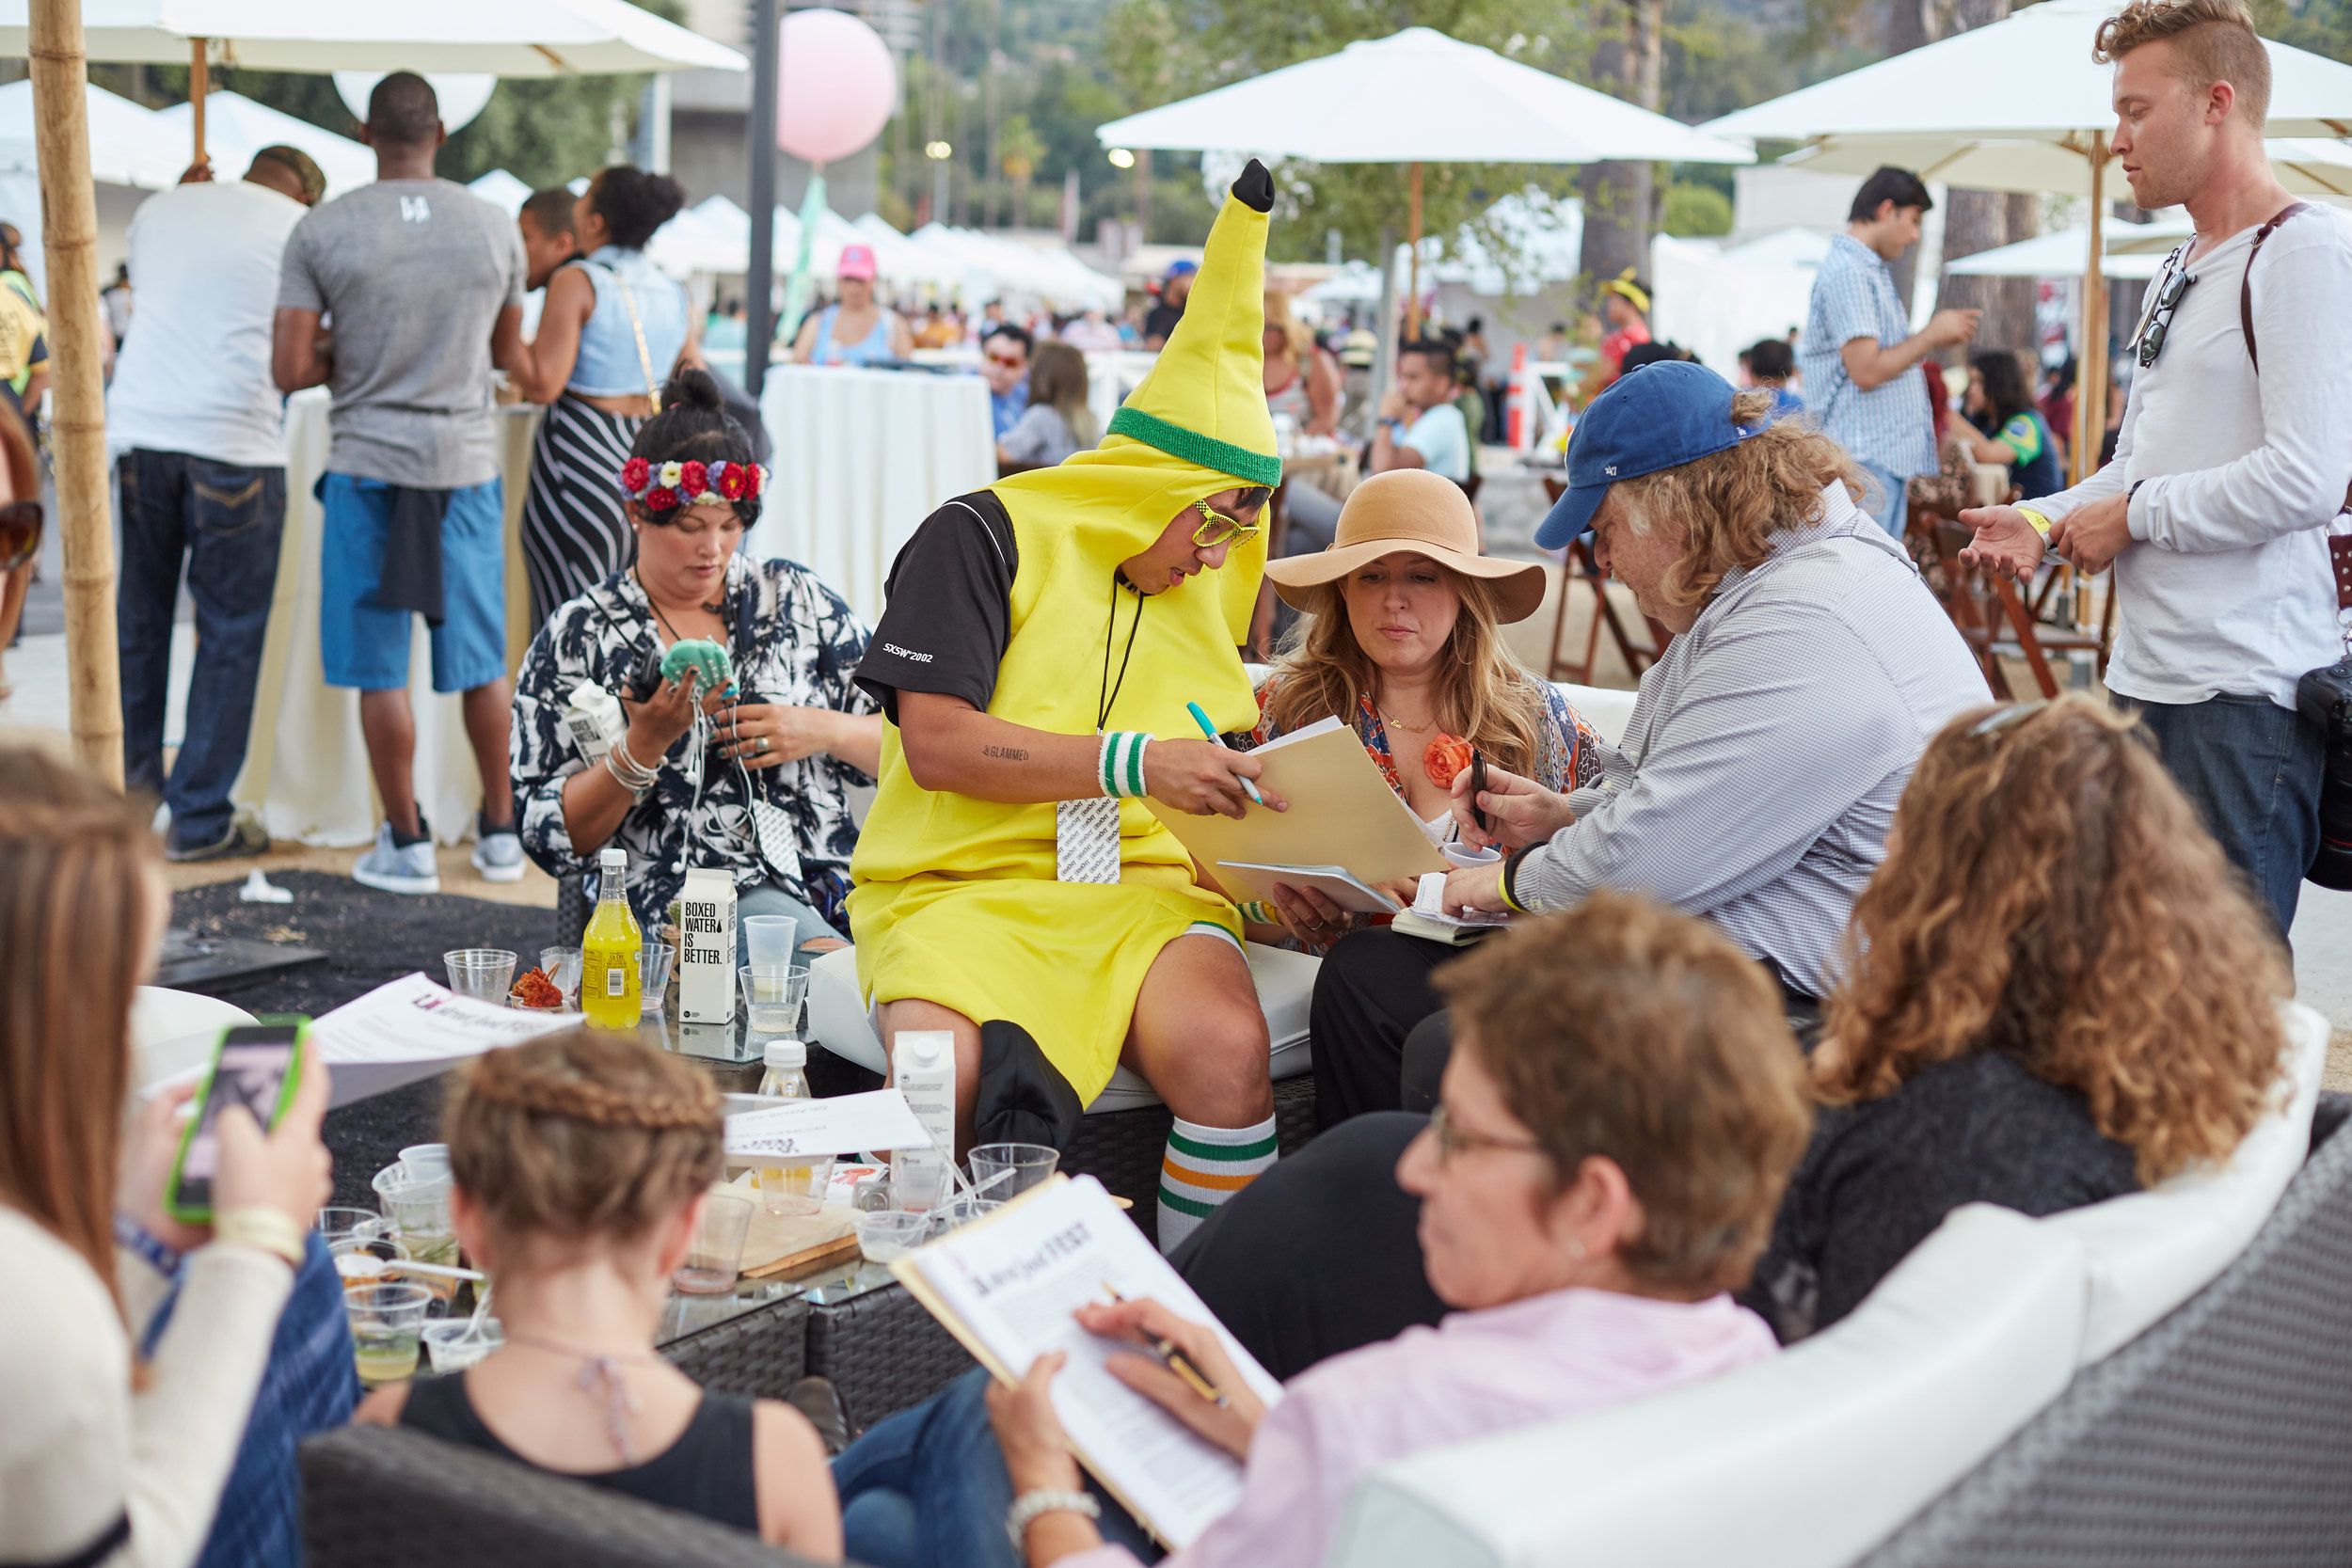 LA-Street-Food-Fest_15-07-11_19-46-41_MG_0099_©RyanTanaka2015.jpg